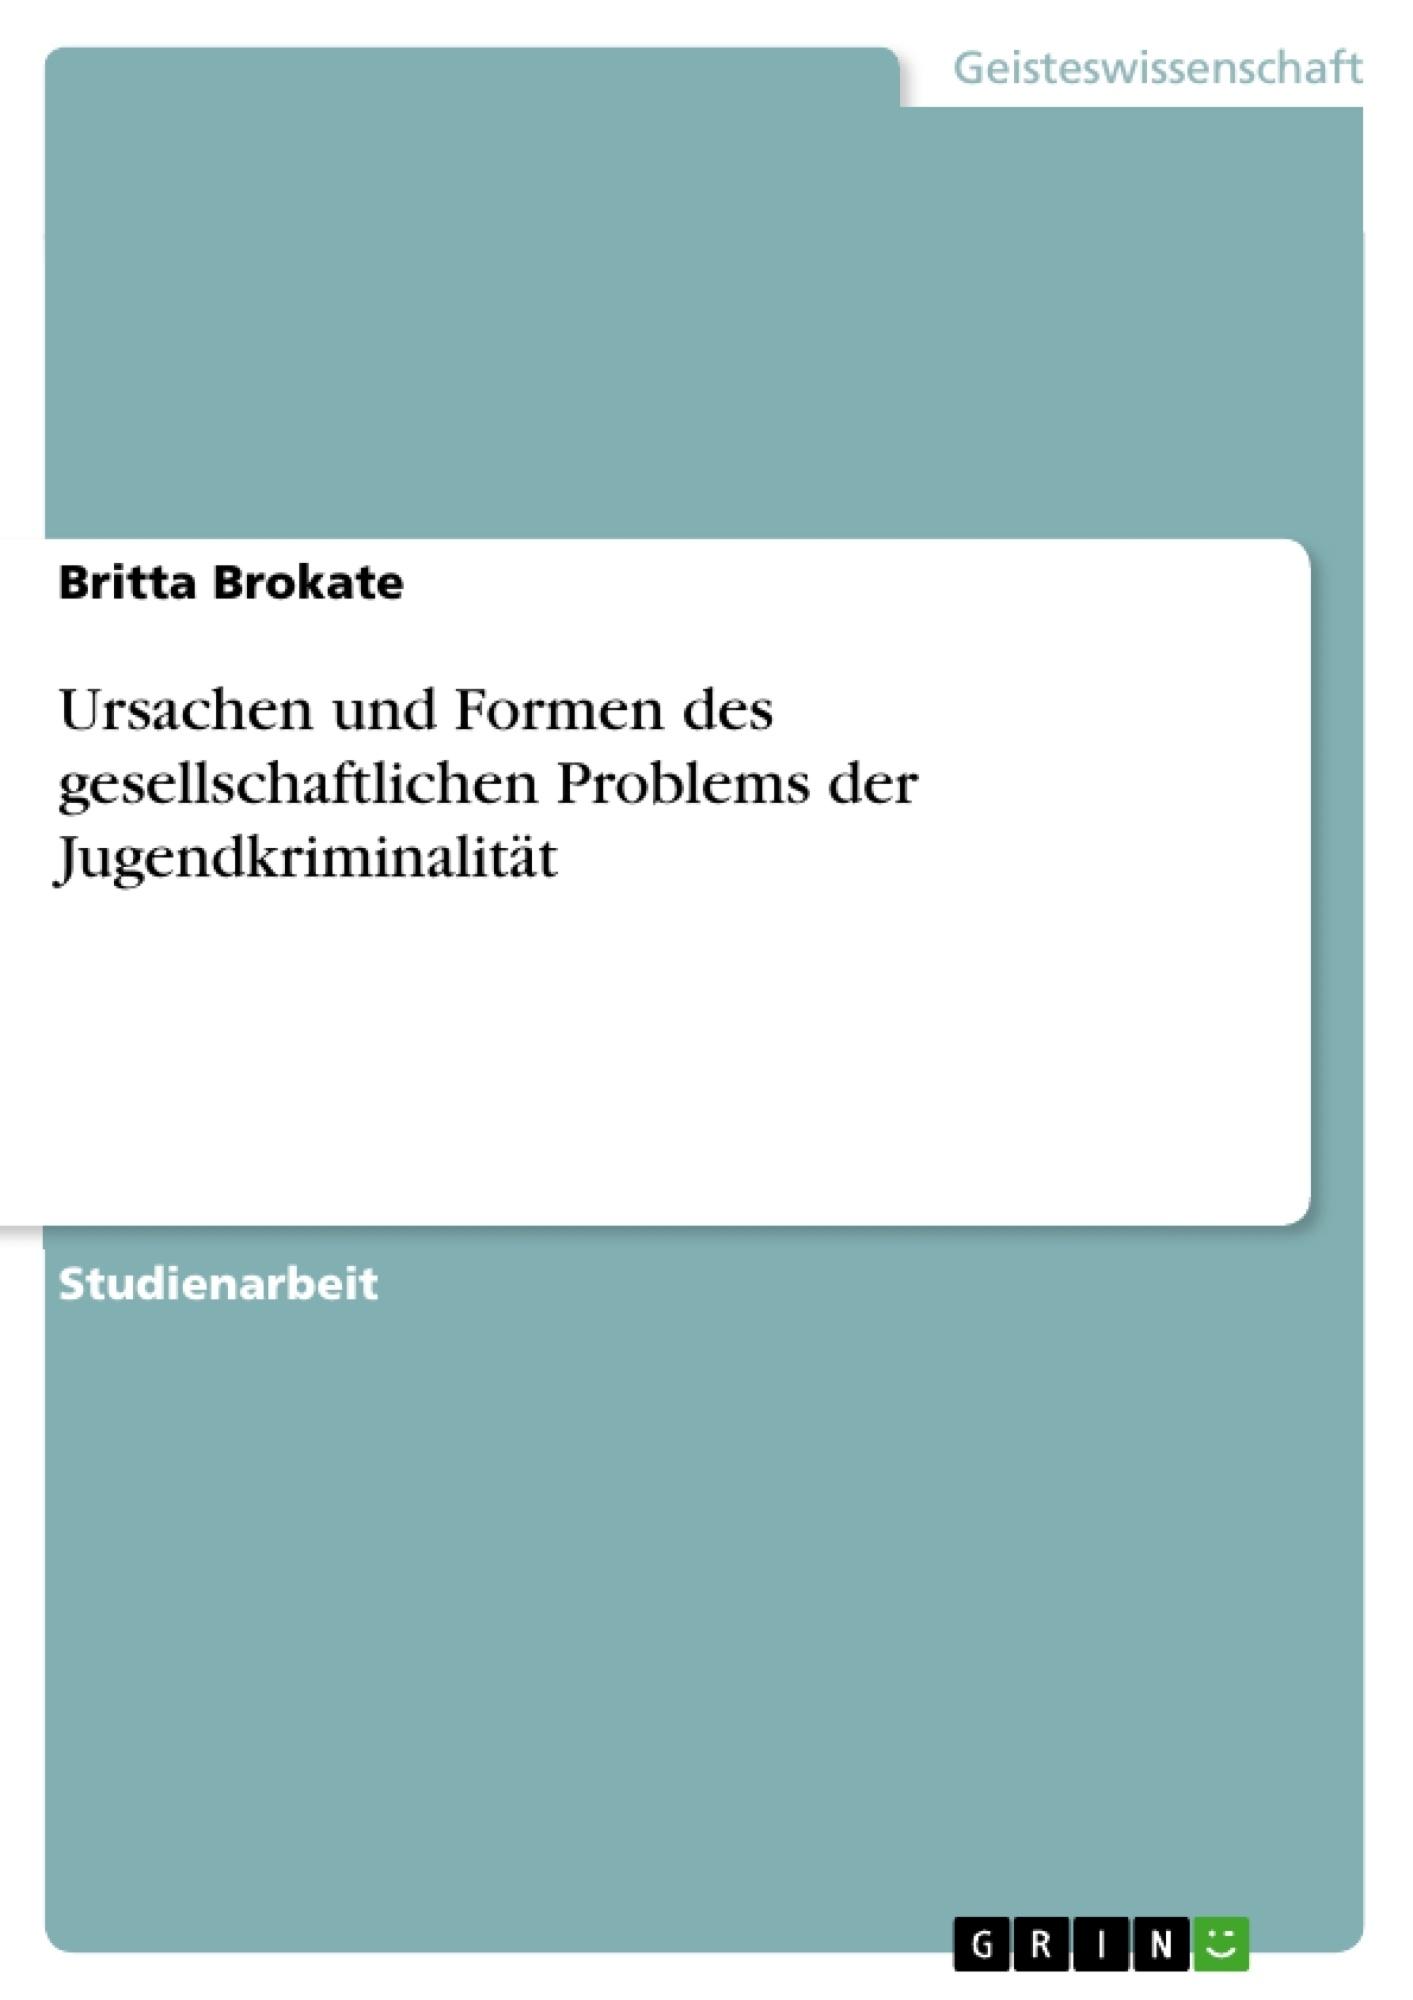 Titel: Ursachen und Formen des gesellschaftlichen Problems der Jugendkriminalität